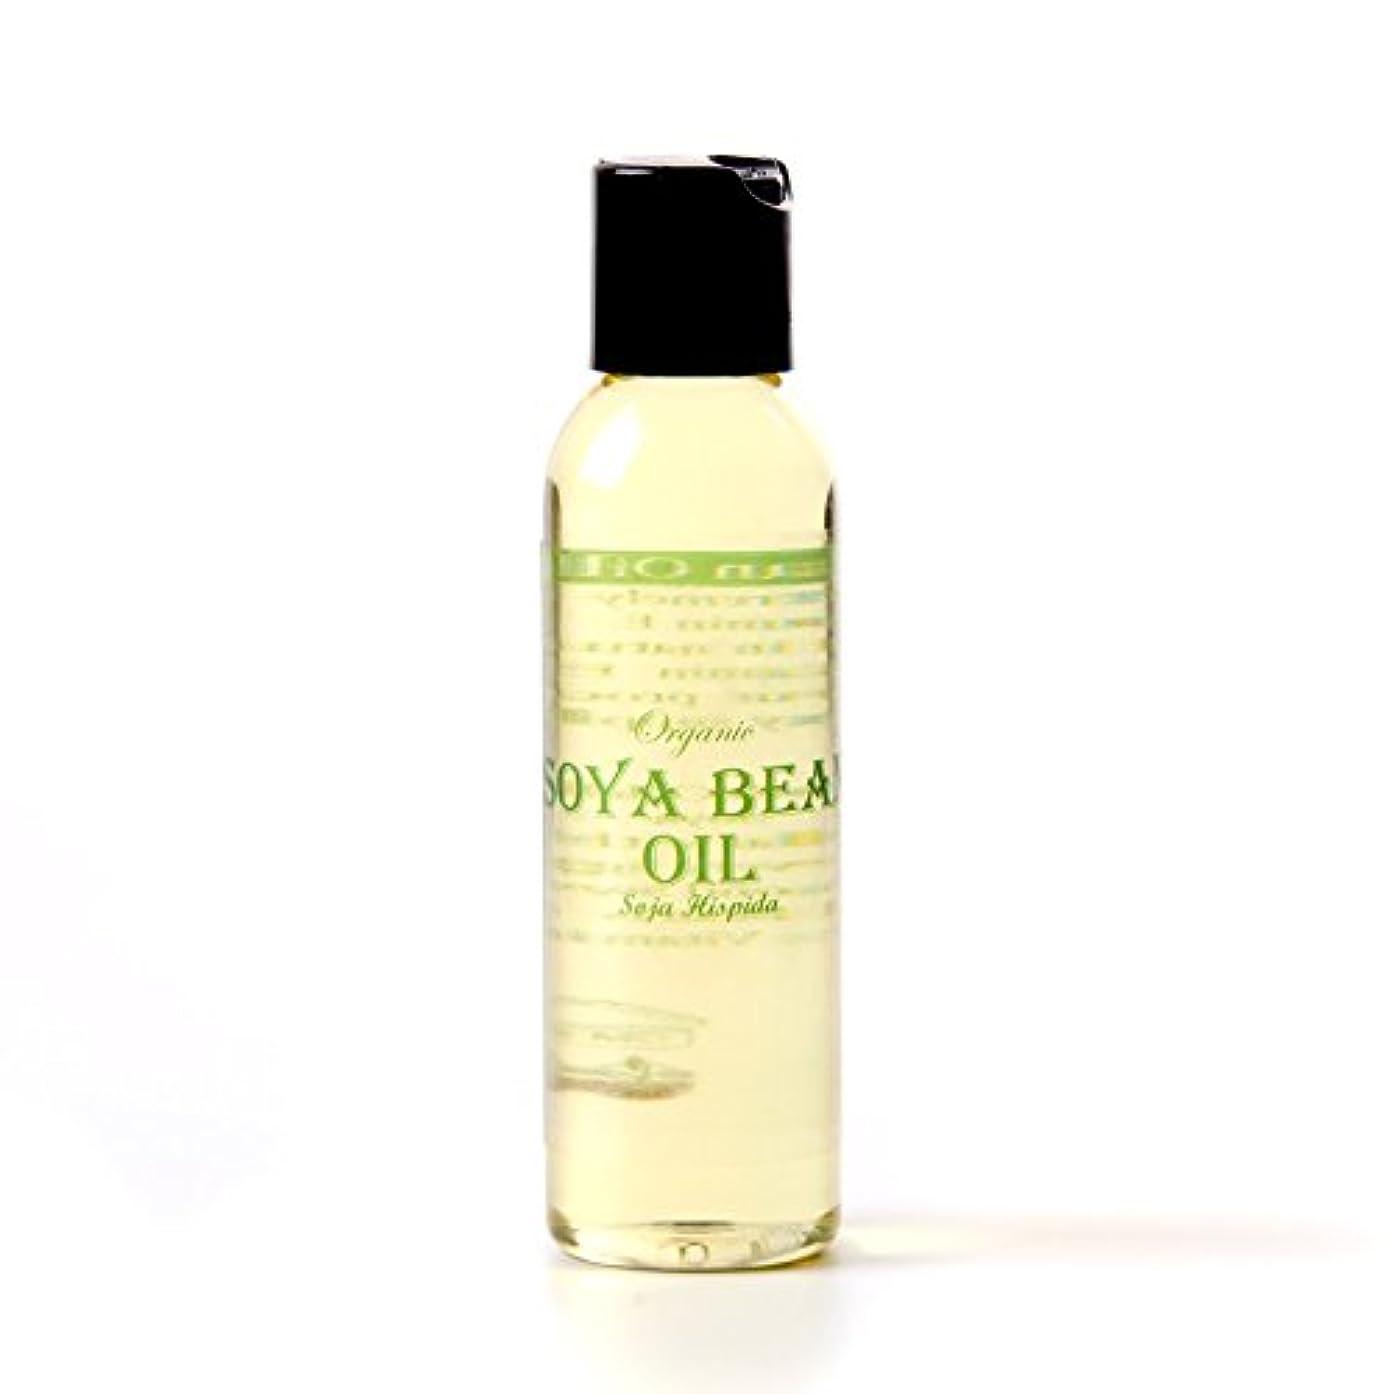 バングラデシュ砲兵溶けるMystic Moments | Soya Bean Organic Carrier Oil - 125ml - 100% Pure